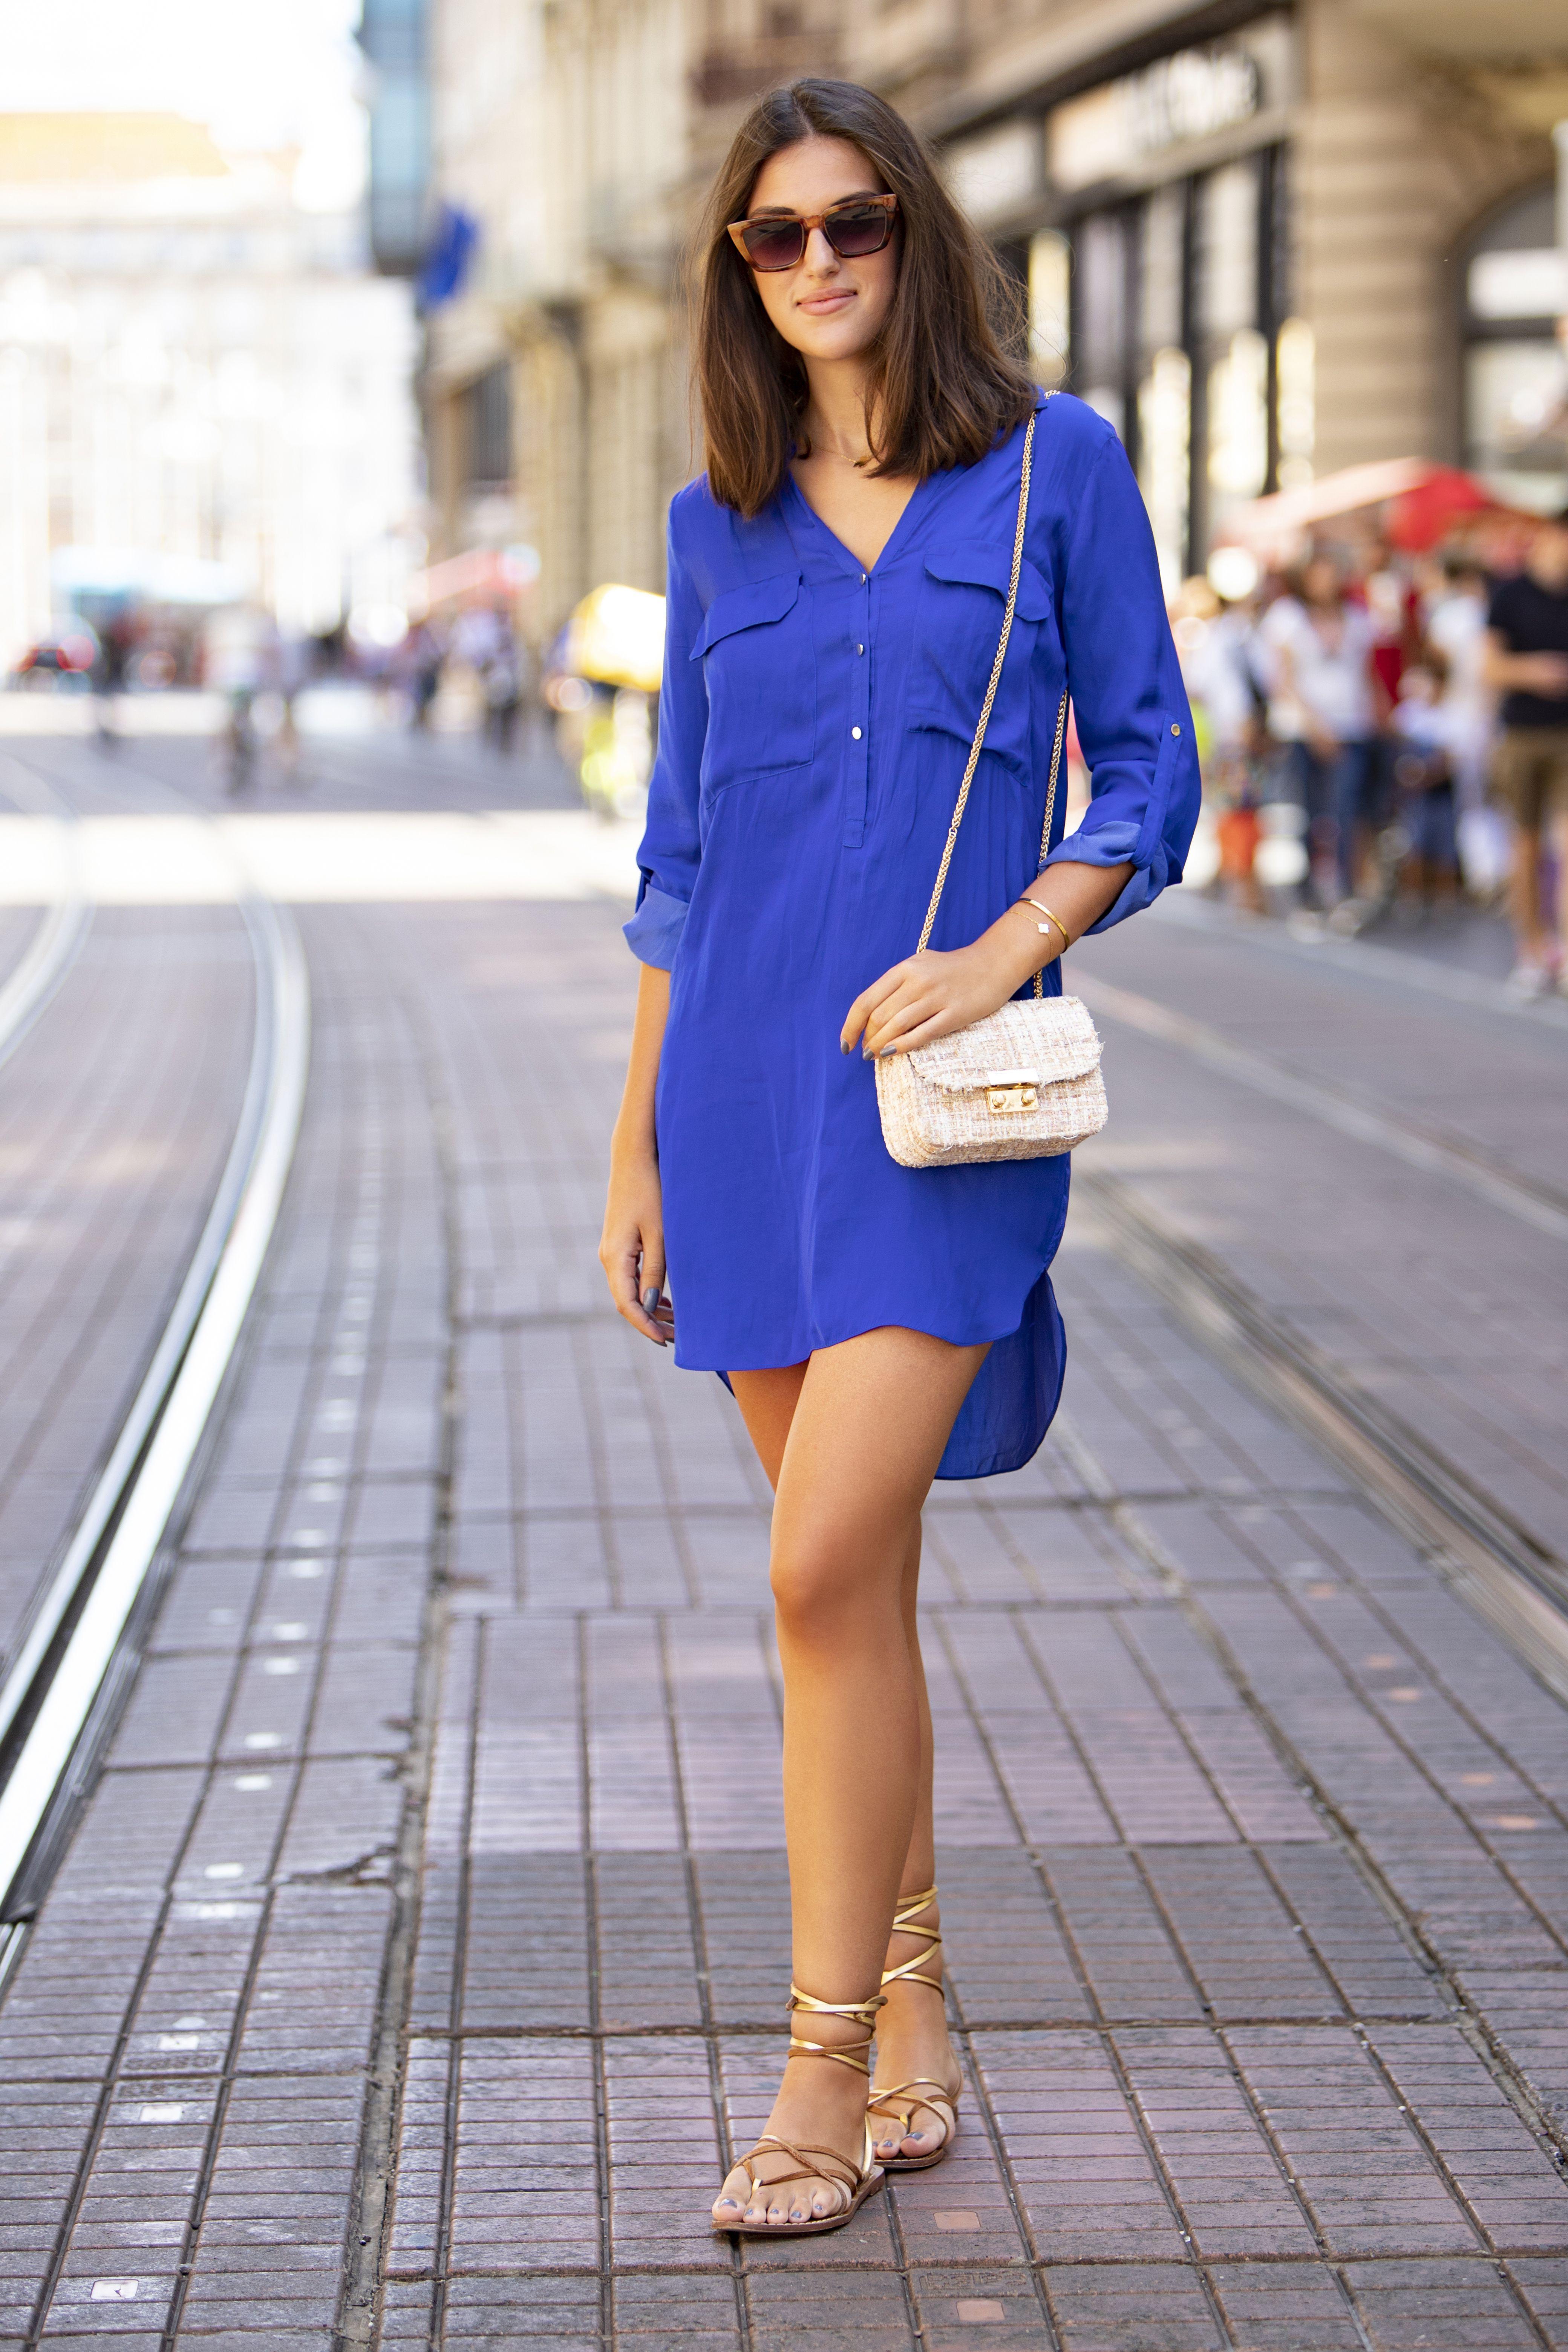 Praktično i chic! Ova prezgodna studentica nosi odličnu košulju-haljinu